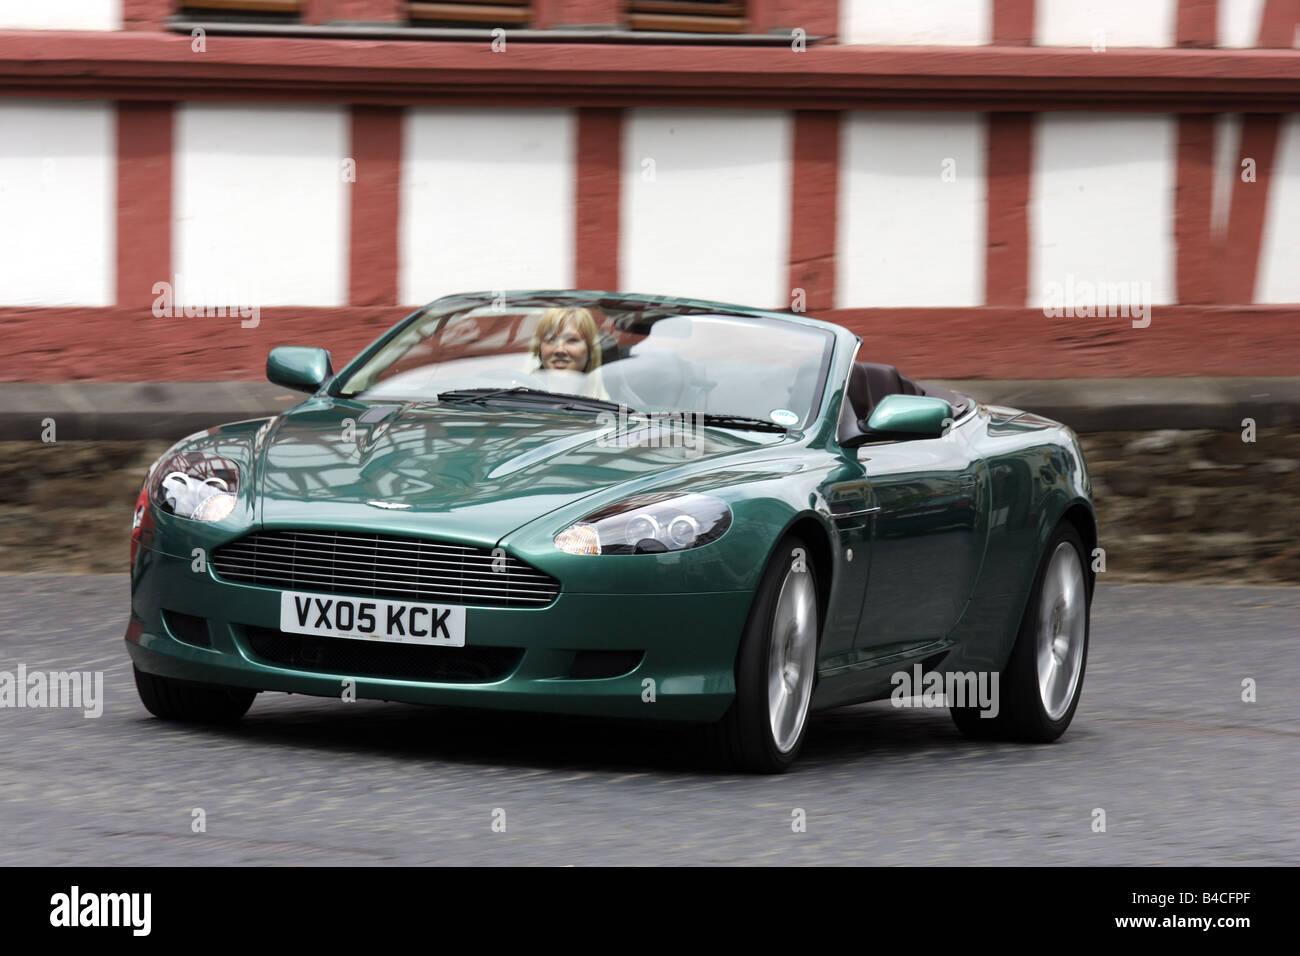 Aston Martin Db9 Volante Modell Jahr 2005 Grün Fahren Schräg Von Vorne Vorderansicht Stadt Open Top Rechtliche Treiber Stockfotografie Alamy